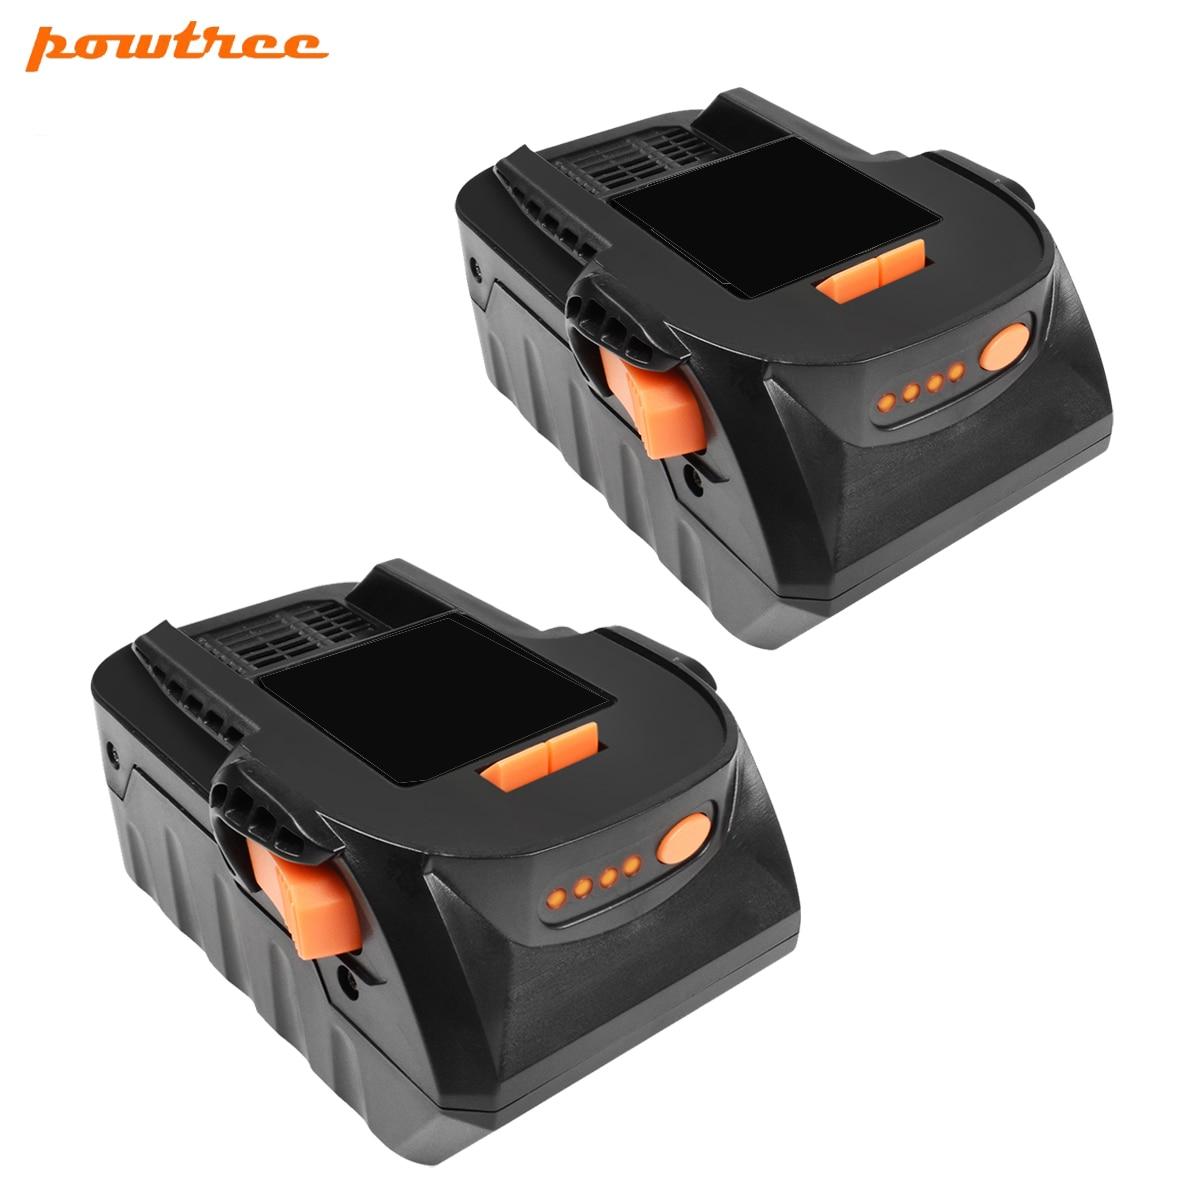 Bonacell 6000mAh 18V Li-ion Rechargeable Power Tool Battery For RIDGID R840083 R840085 R840086 R840087 Series AEG Series L10